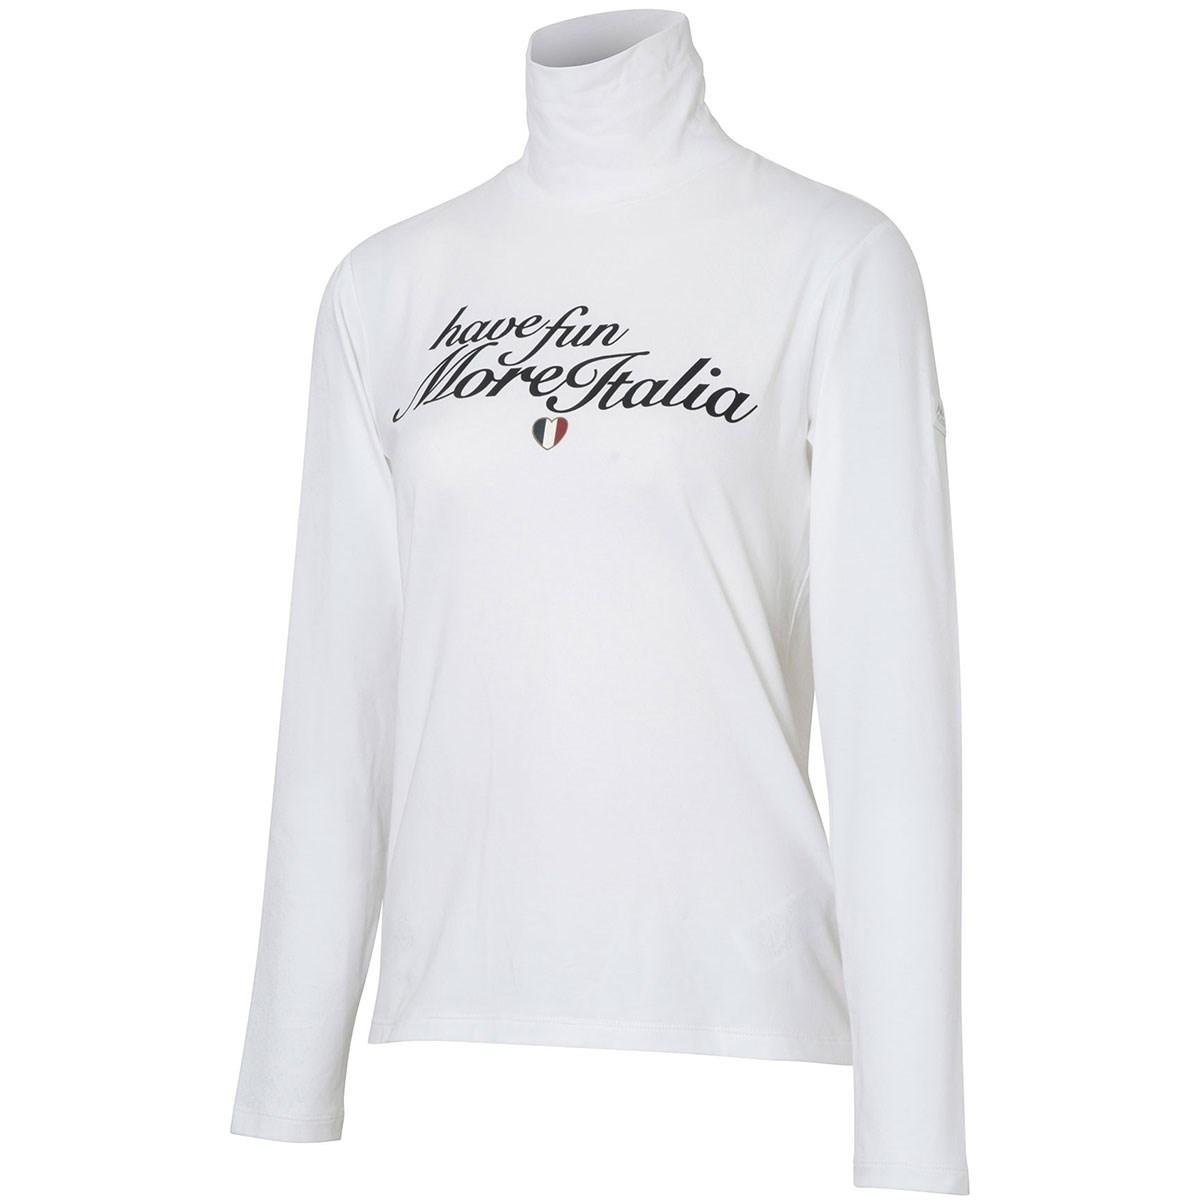 カッパ Kappa Kappa GOLF 胸レタリング ストレッチハイネック長袖シャツ S ホワイト レディス